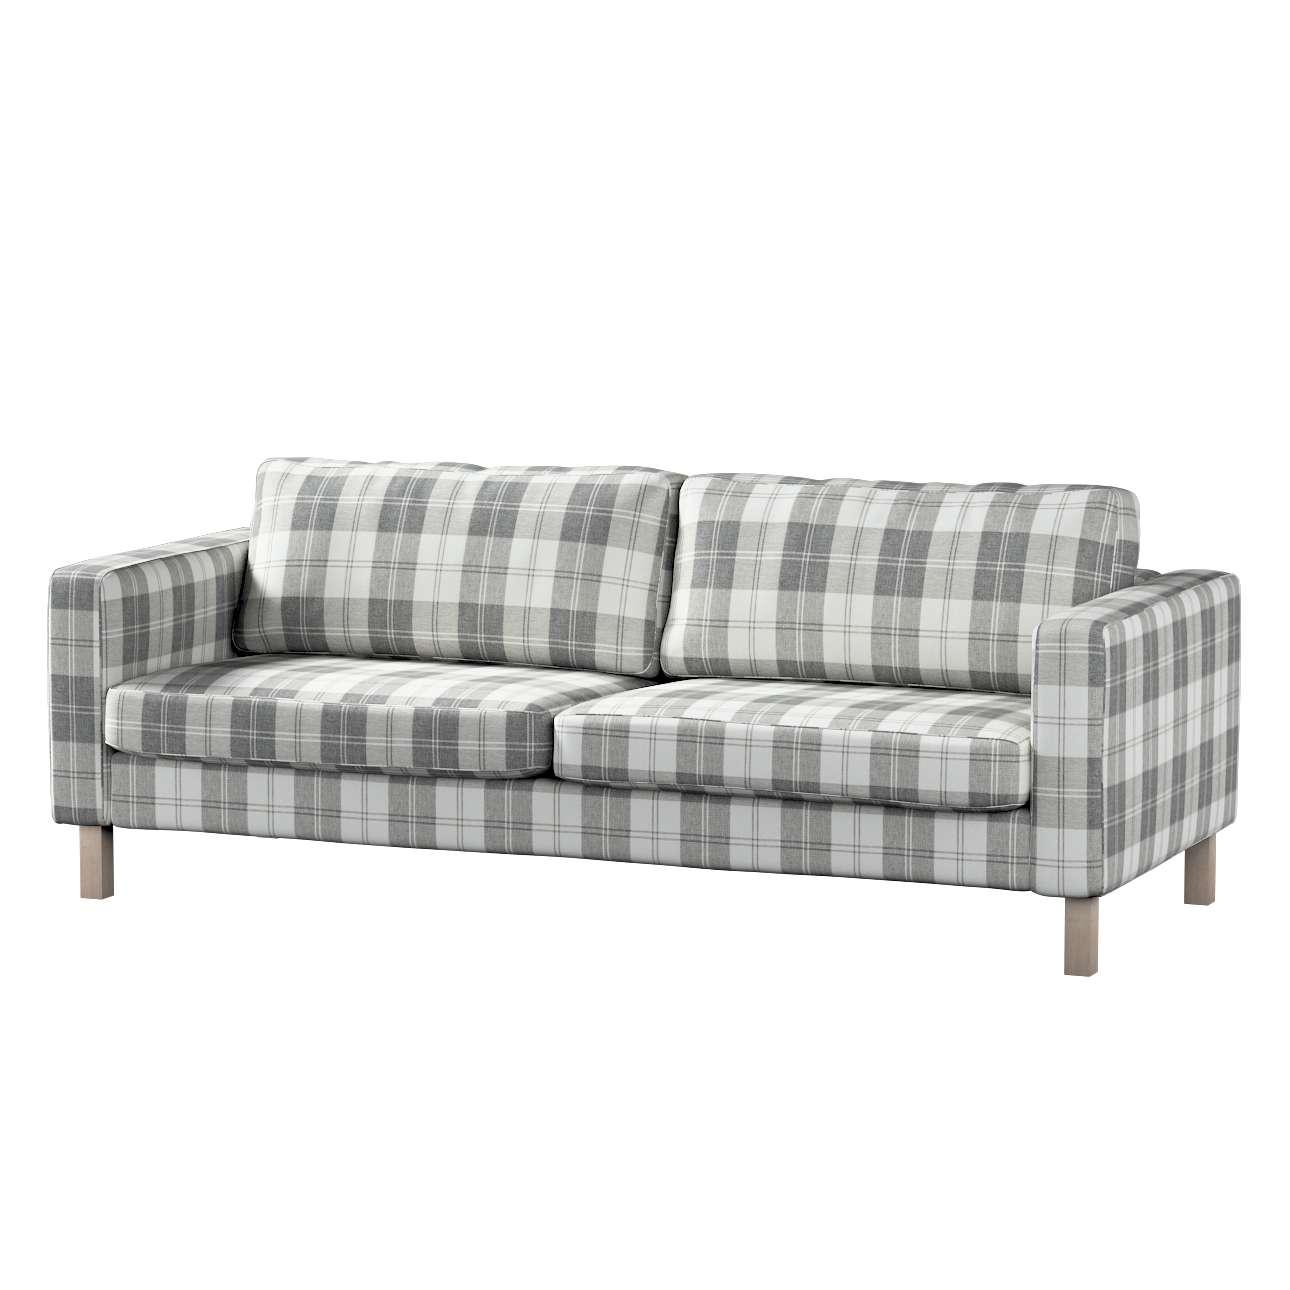 Karlstad sofos-lovos užvalkalas Karlstad trivietės sofos-lovos užvalkalas (išlankstomai sofai) kolekcijoje Edinburgh , audinys: 115-79